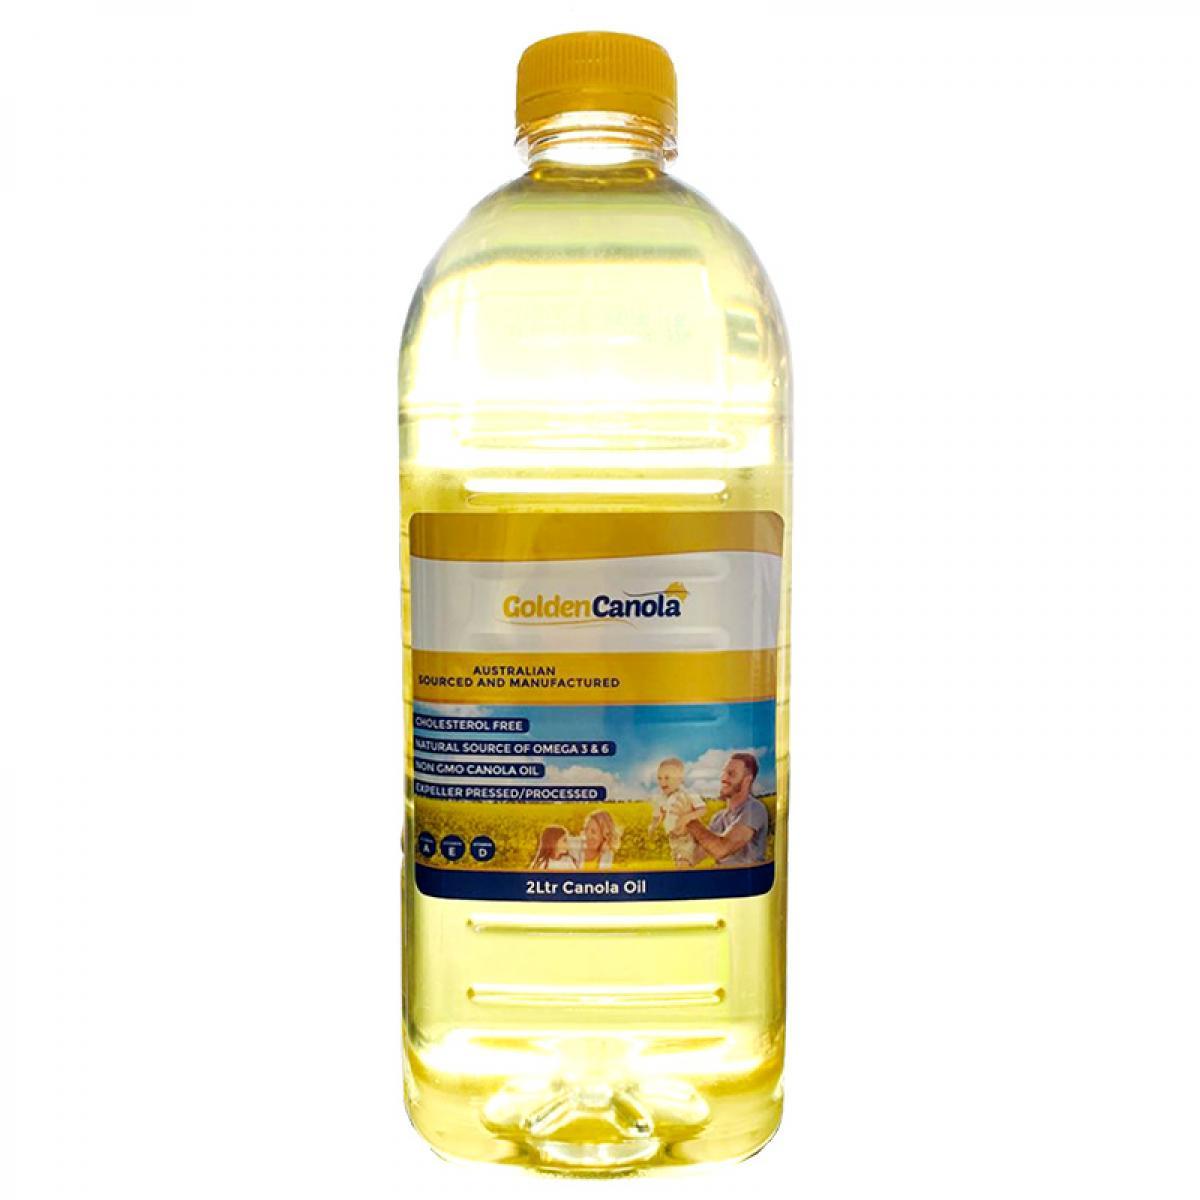 澳大利亚进口金澳拉低芥酸菜籽油 2L保质期至2022年3月